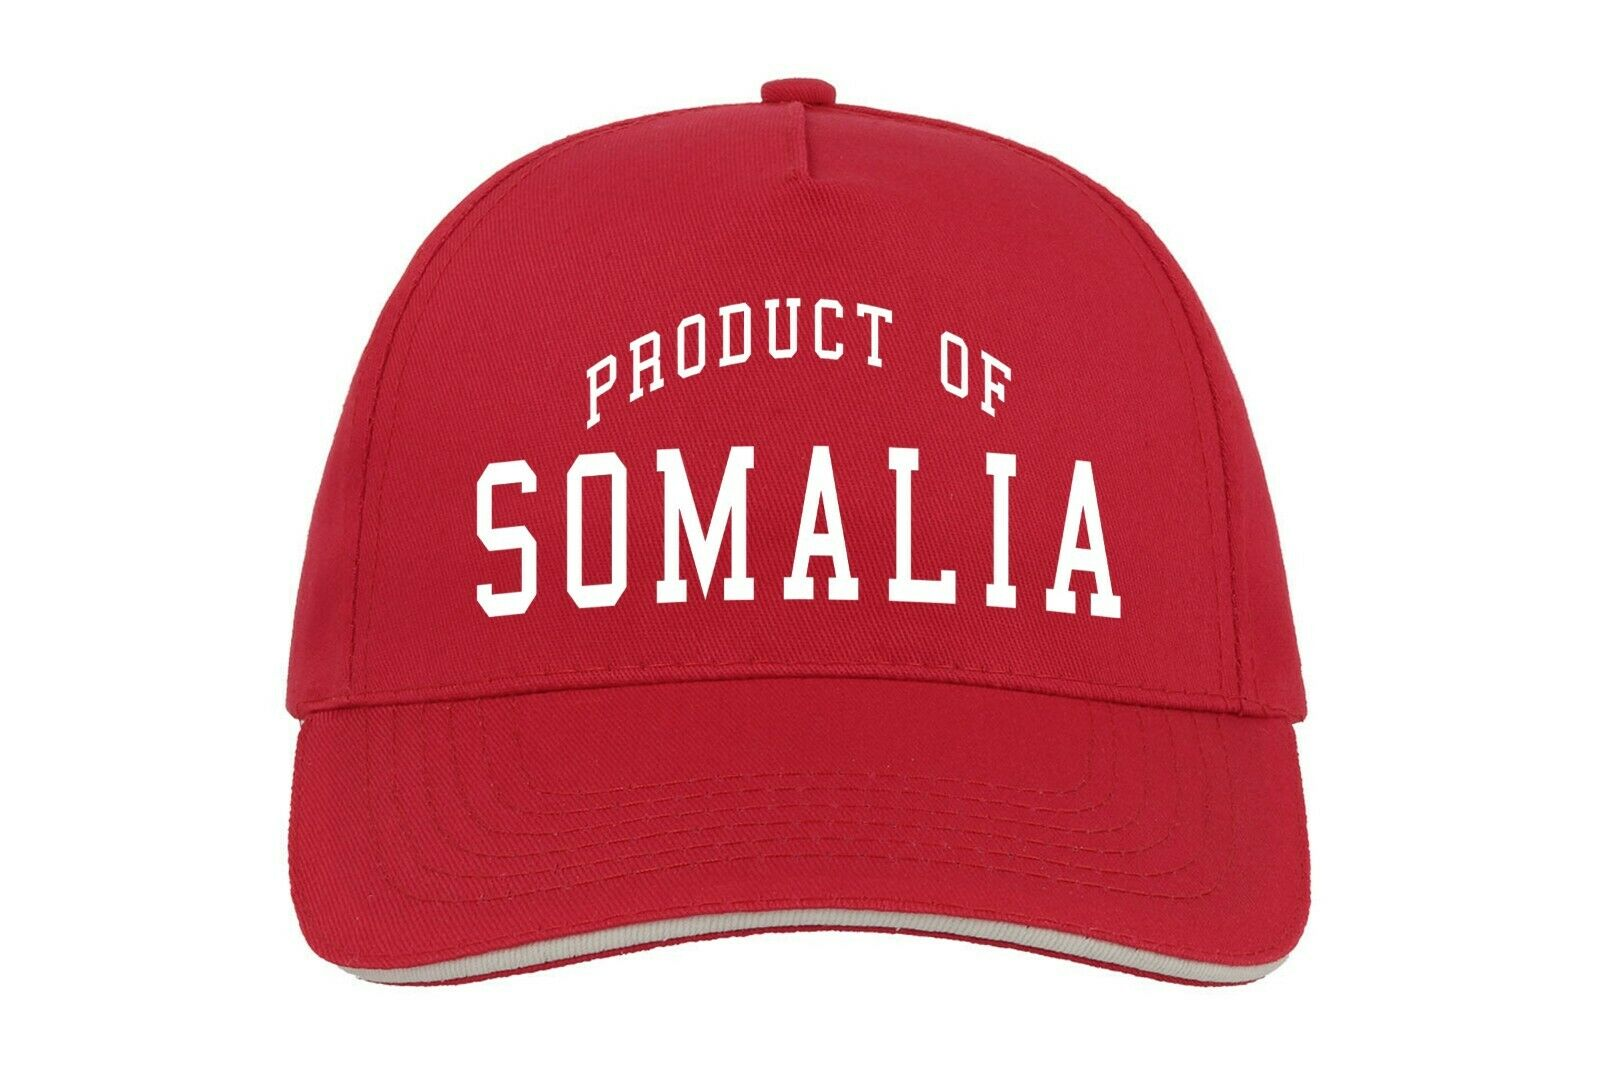 Somalia Produkt Von Baseballmütze Cap Maßgefertigt Geburtstagsgeschenk Land Cool